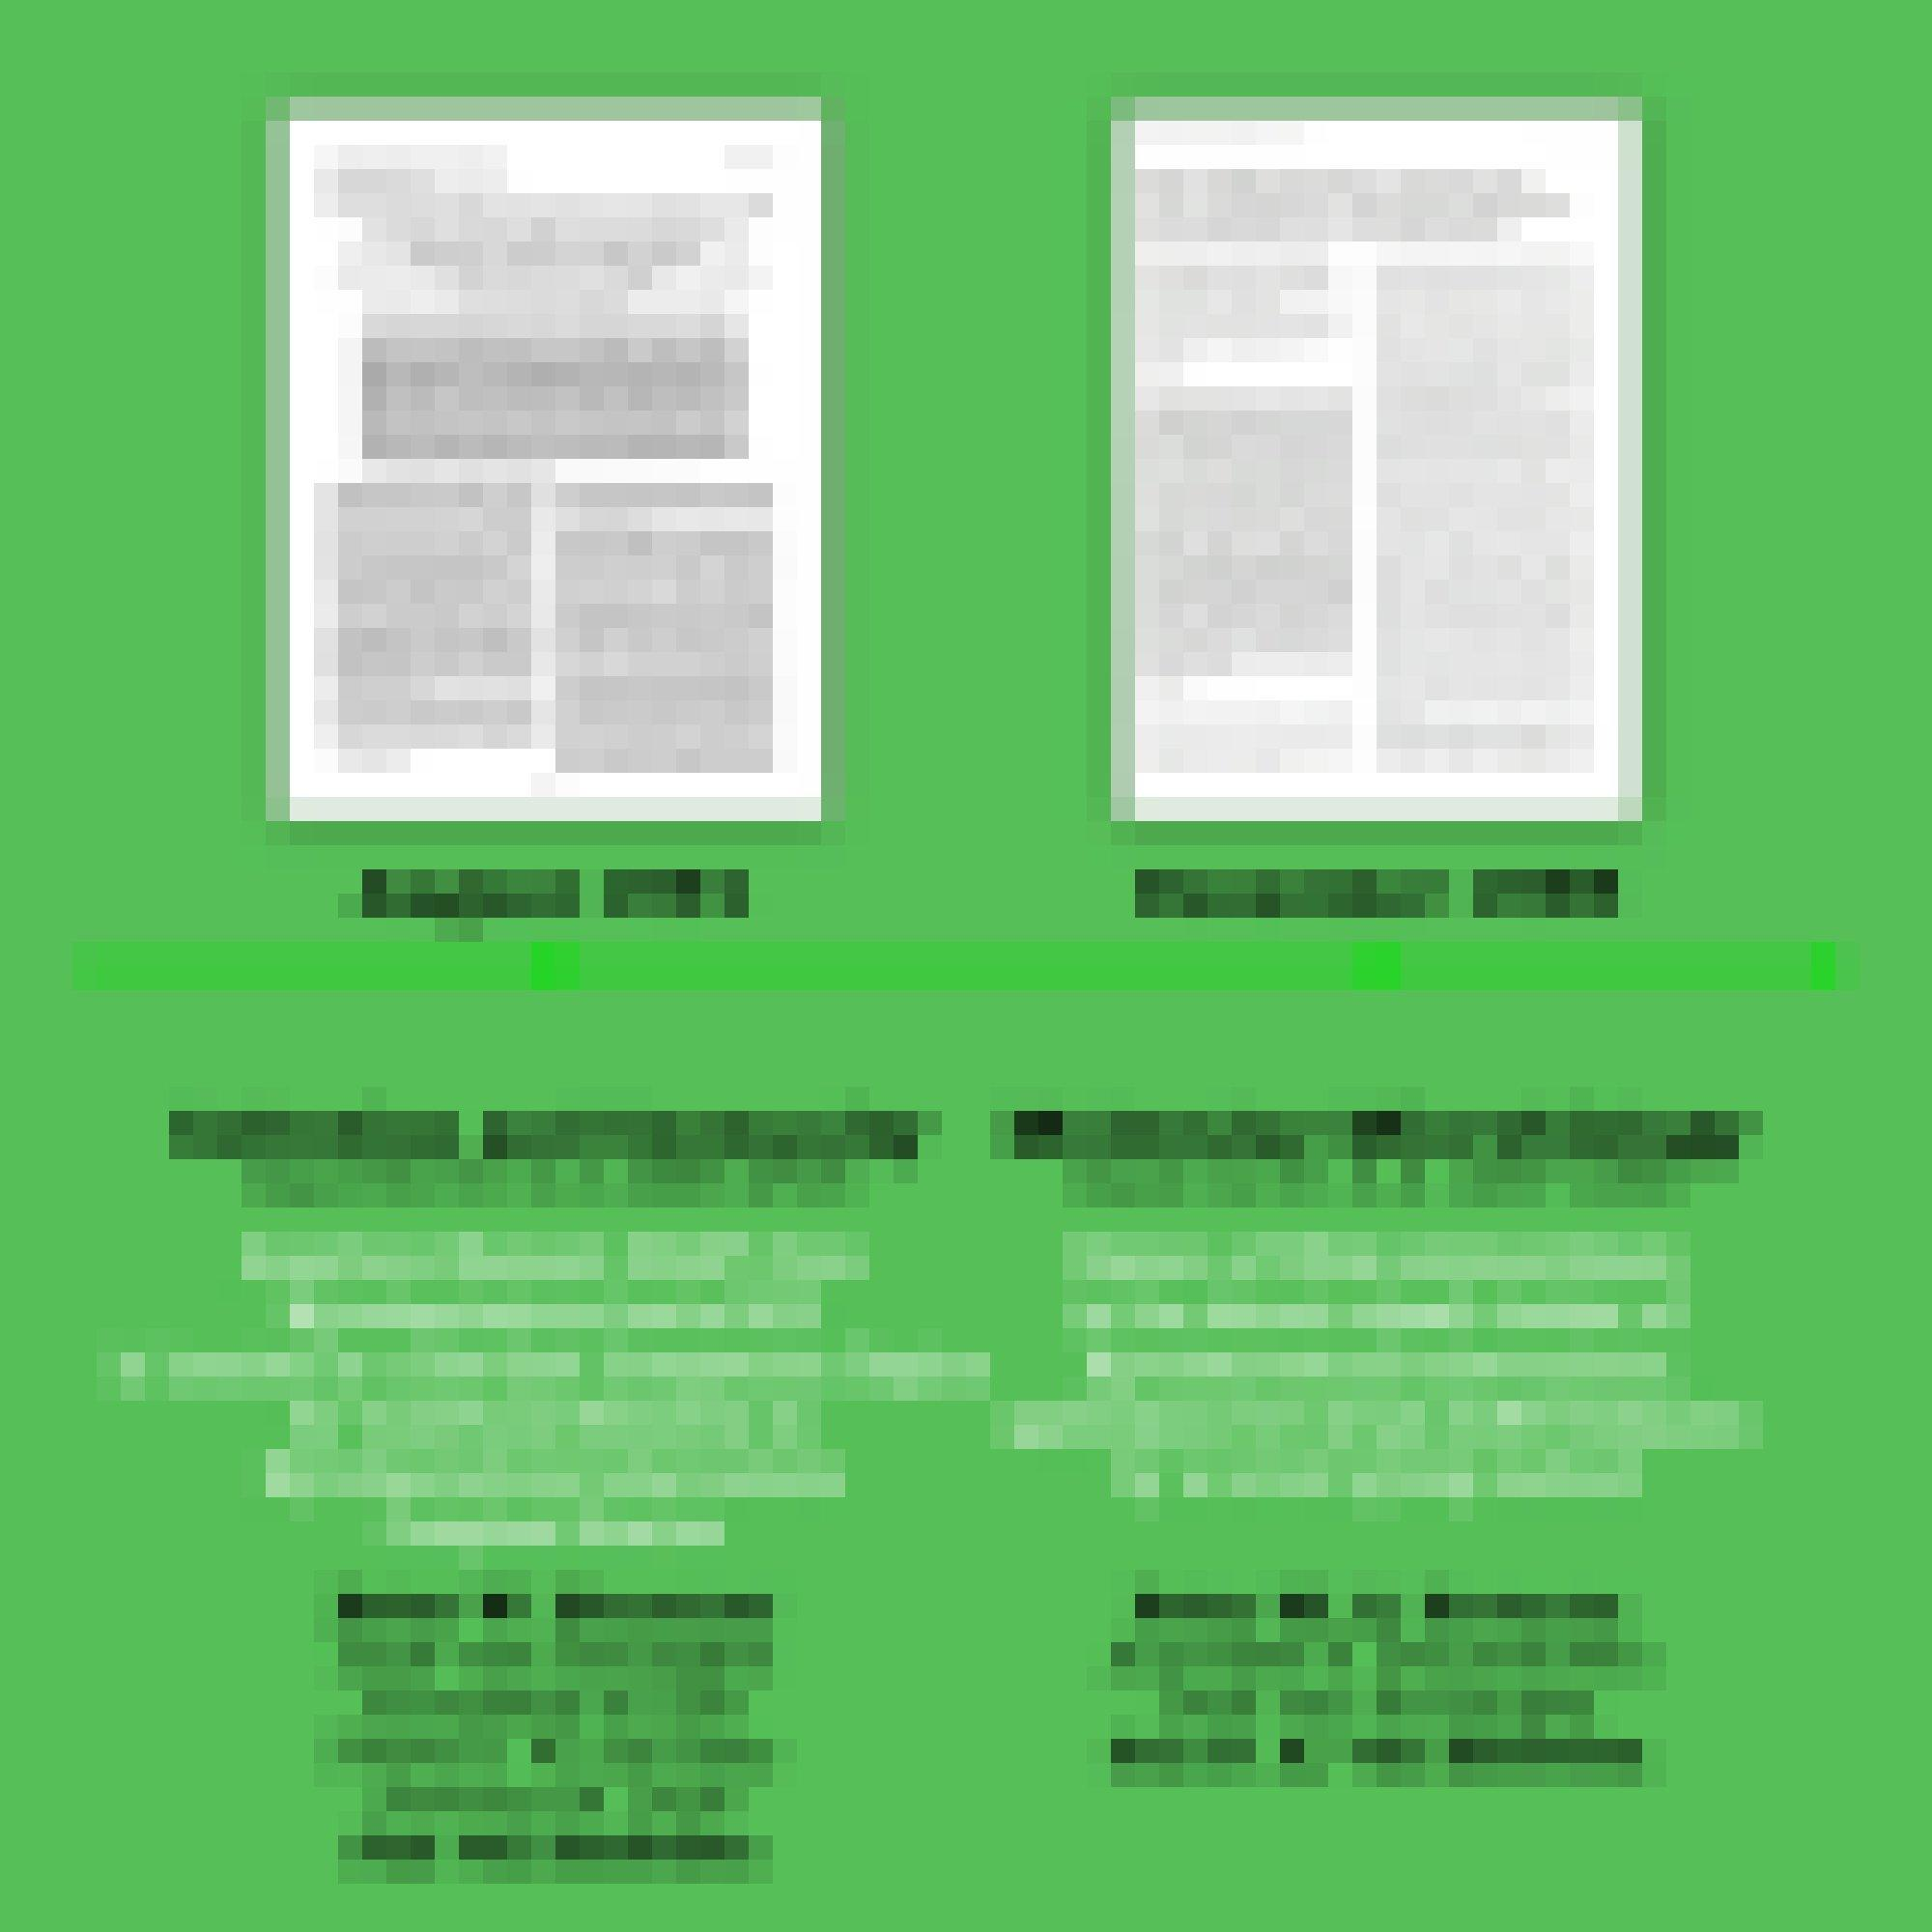 Zwei Fachartikel aus der Arbeitsgruppe Jan van Embdens mit bibliographischen Angaben vor grünem Hintergrund.